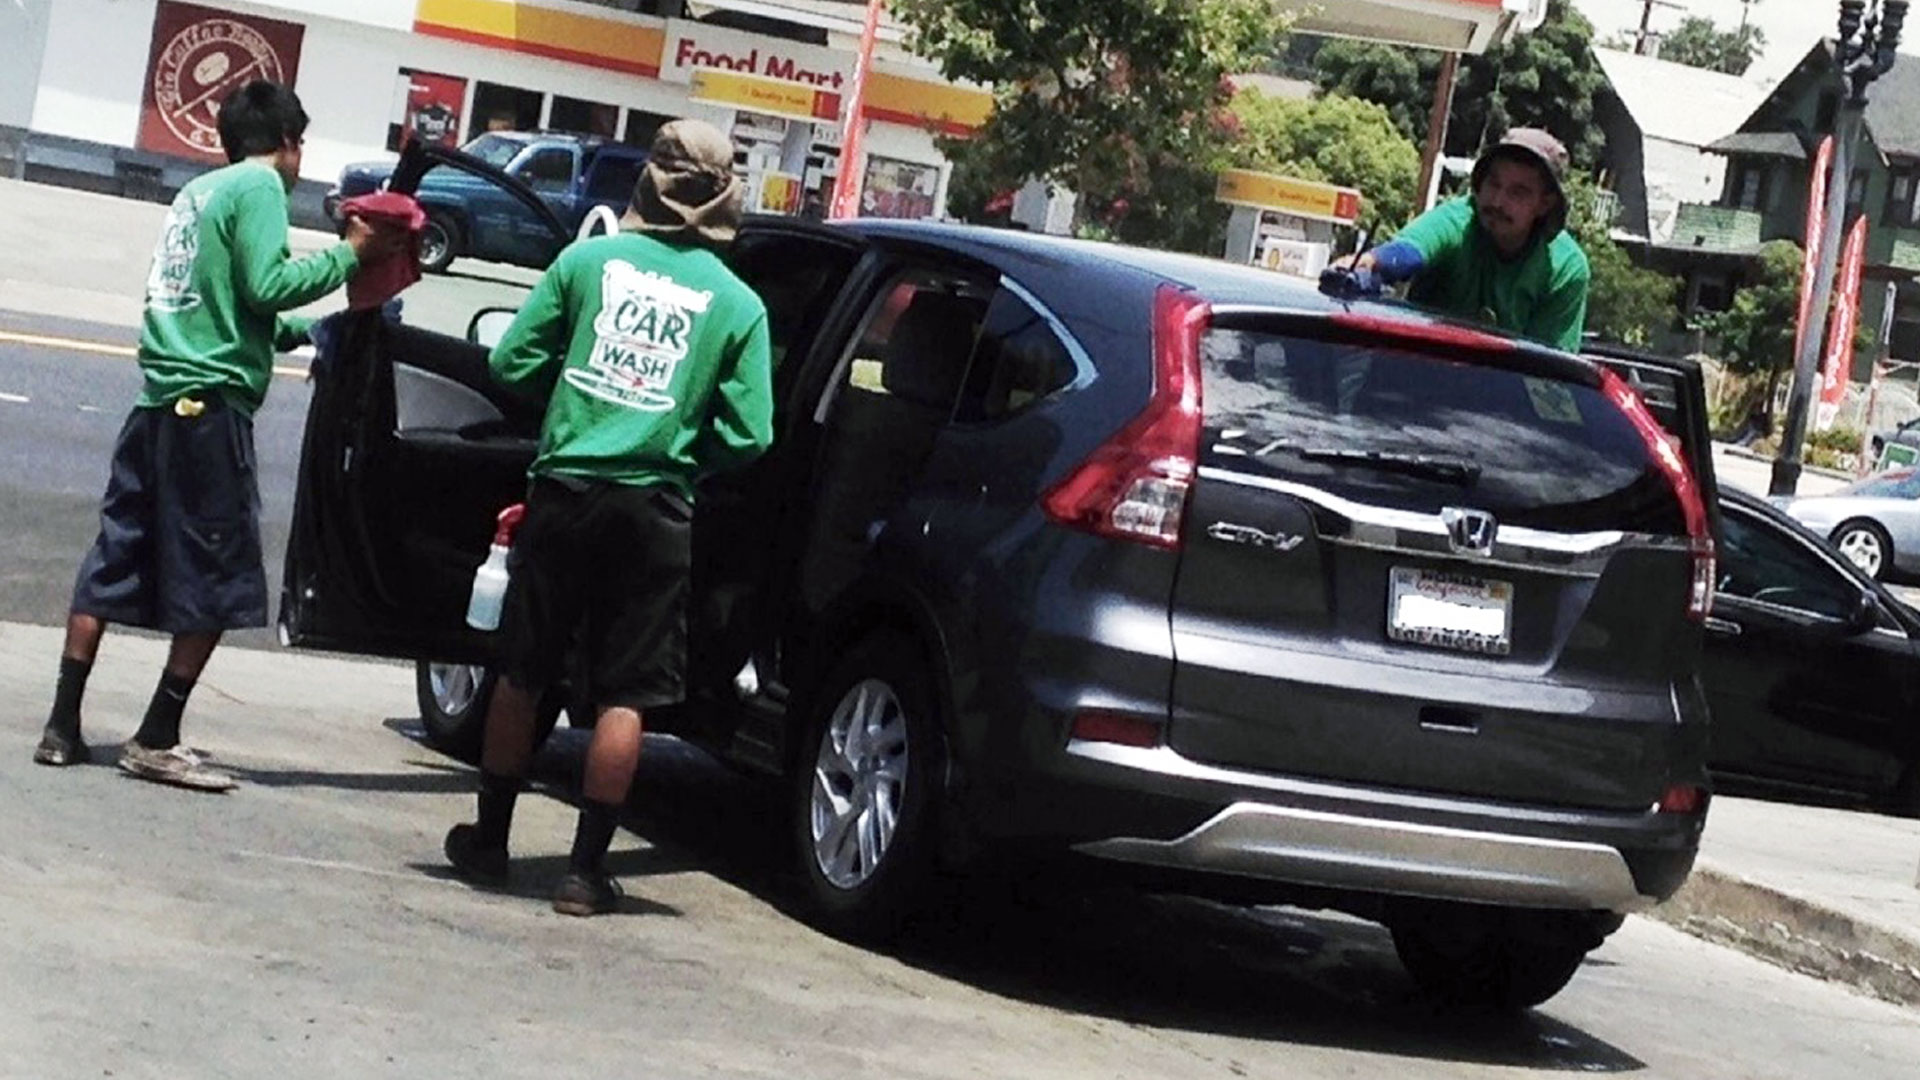 Empleados de lavado de autos y sus defensores están entre los que exigen aplicación estricta de la nueva ley de salario mínimo en Los Ángeles.